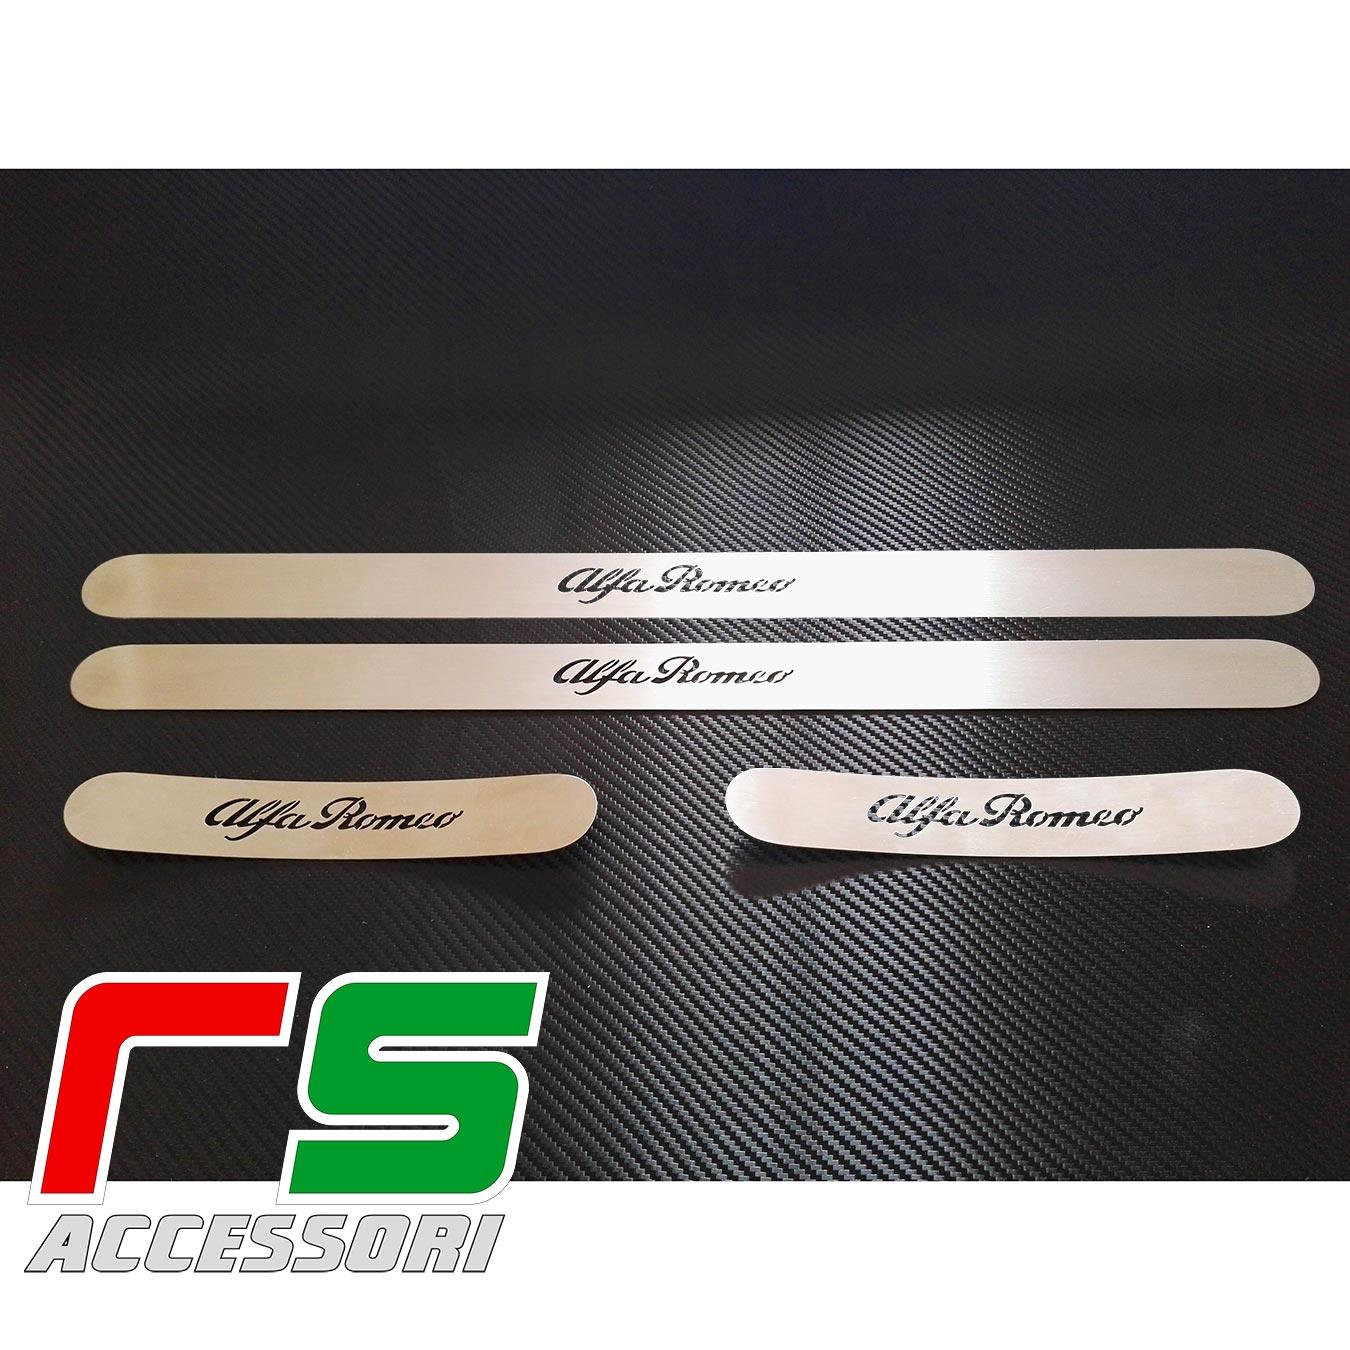 Alfa Romeo Giulietta aisi 304 stainless steel rear sill front door sill